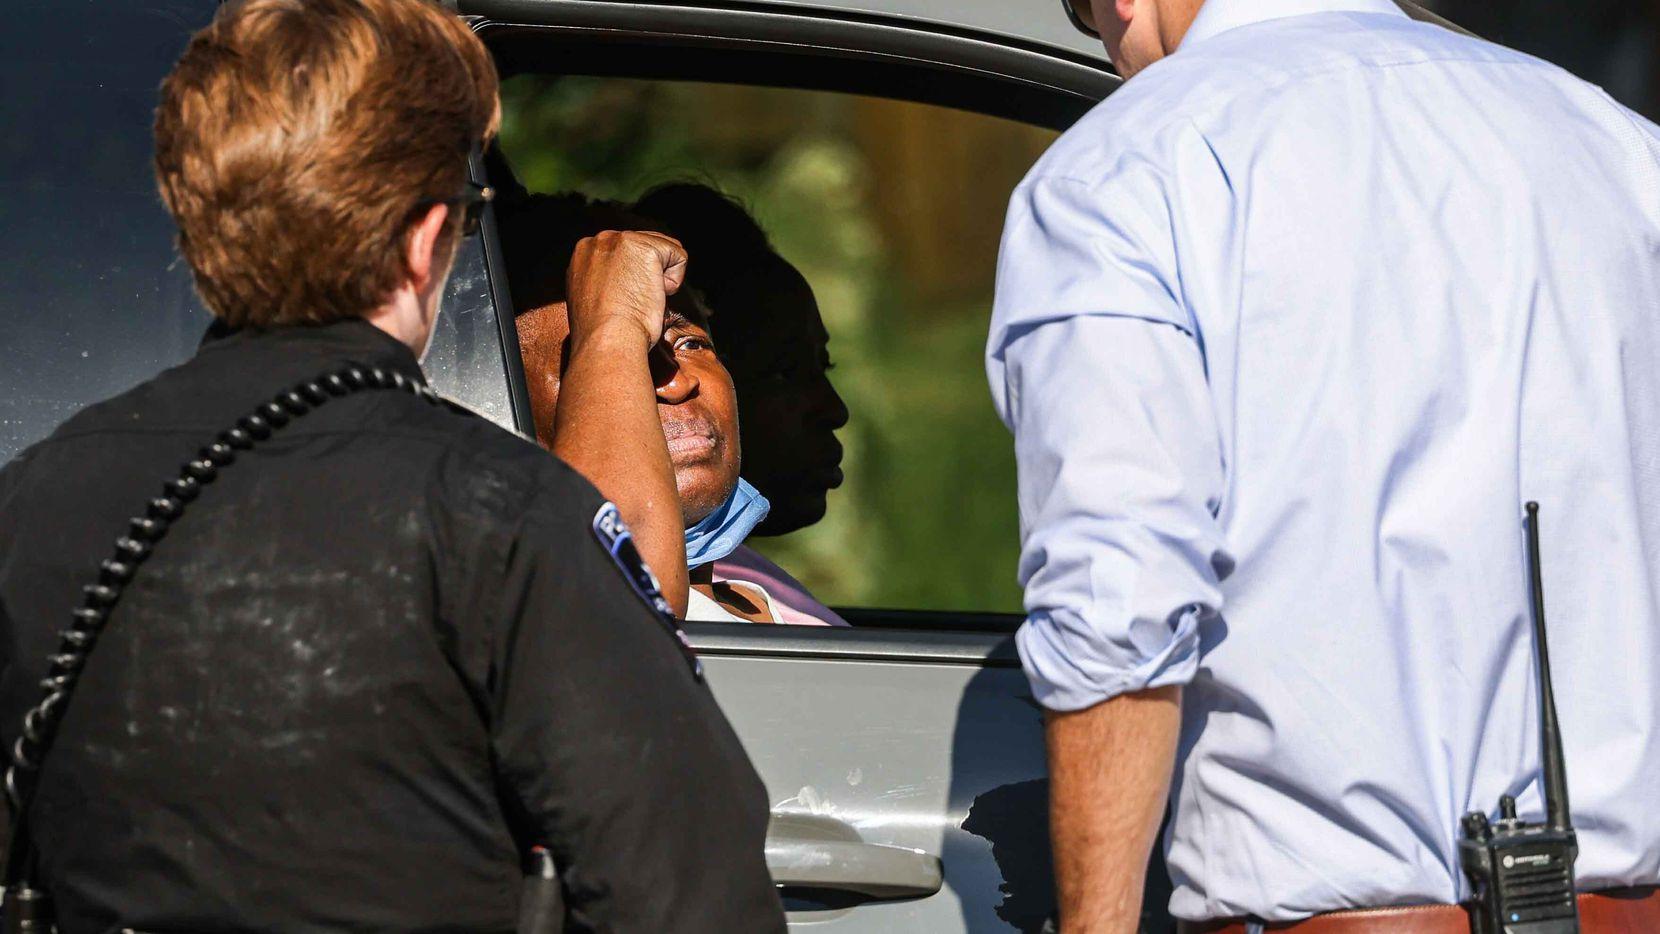 Una mujer que se negó a dar su nombre y más tarde ingresó a la casa de  Timothy George Simpkins, espera afuera del hogar mientras la policía registra el domicilio en Arlington, el 6 de octubre de 2021.